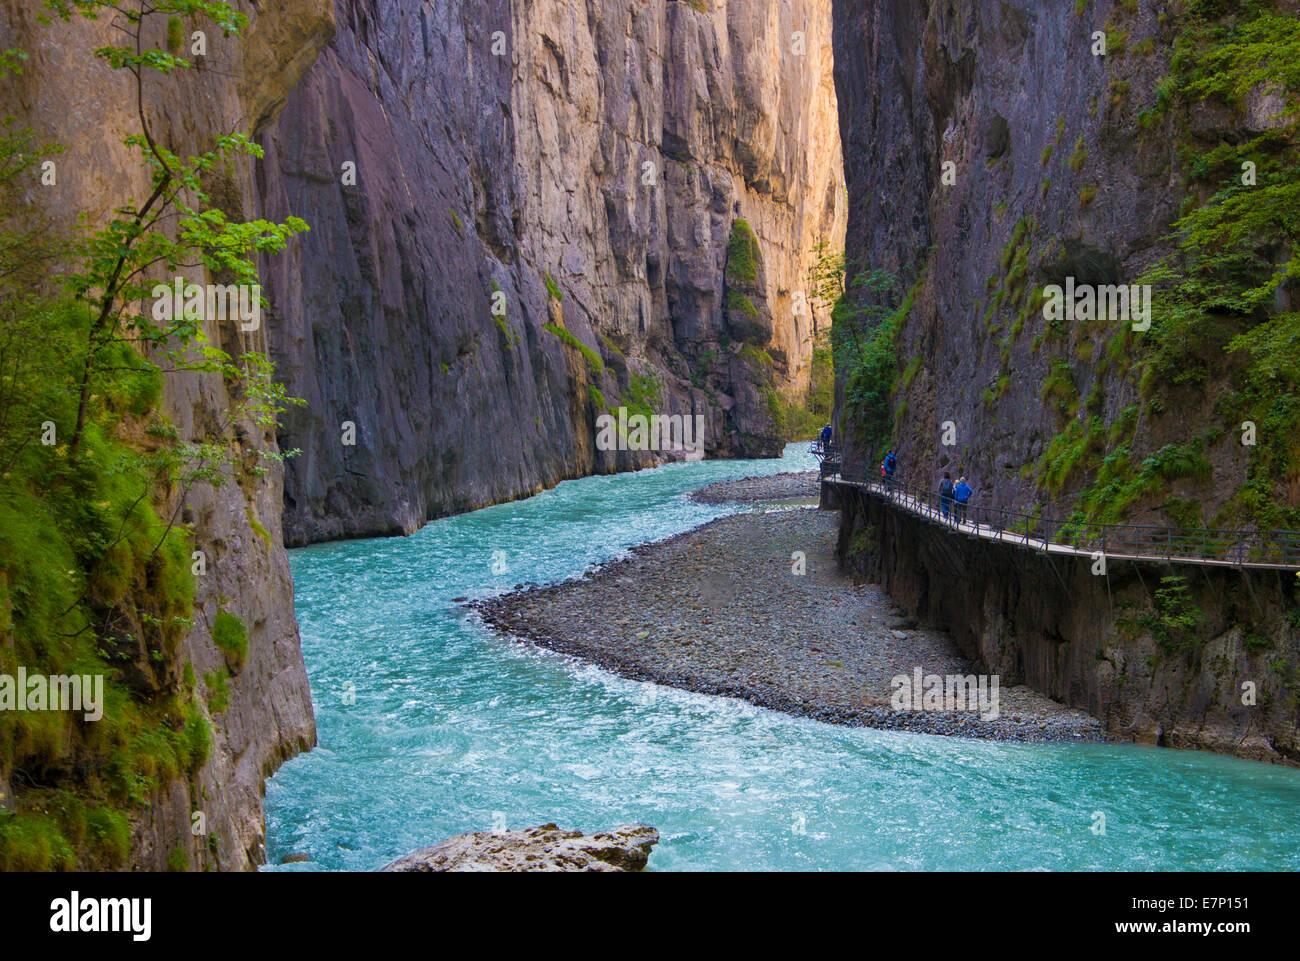 Aare, gole, canyon, Svizzera, Europa, geologia, verde natura, Parco, River, rocce, molla, turistica, viaggi, acqua Immagini Stock